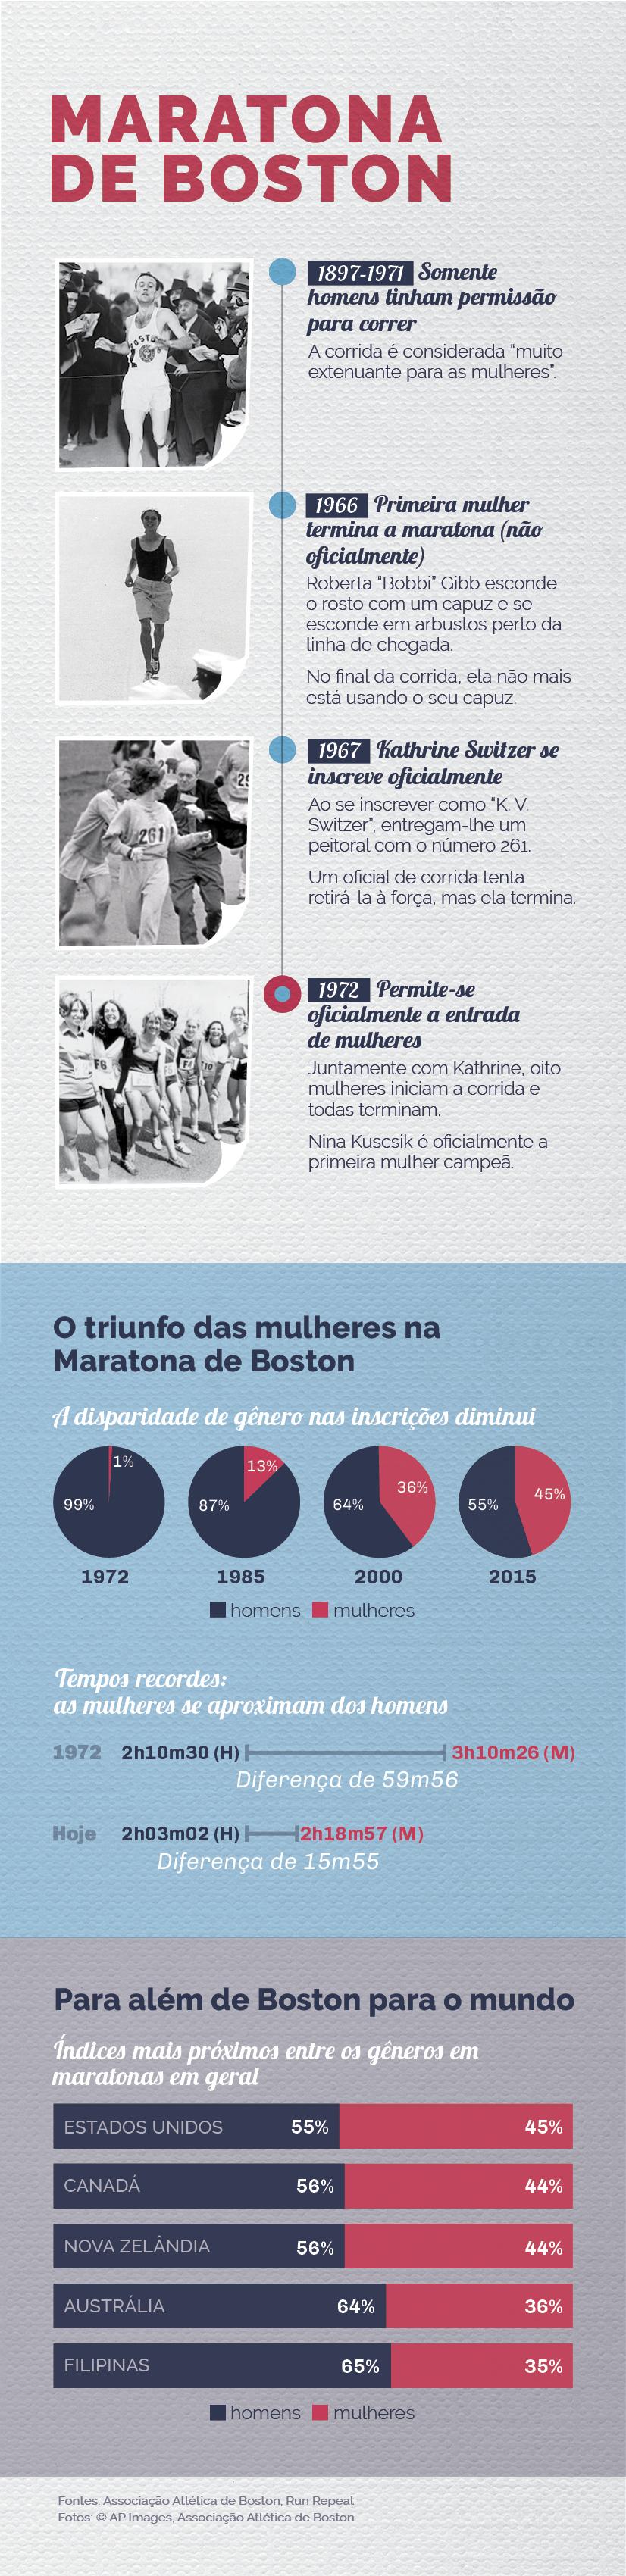 Infográfico descreve o aumento na participação de mulheres na Maratona de Boston (Depto. de Estado/Julia Maruszewski)